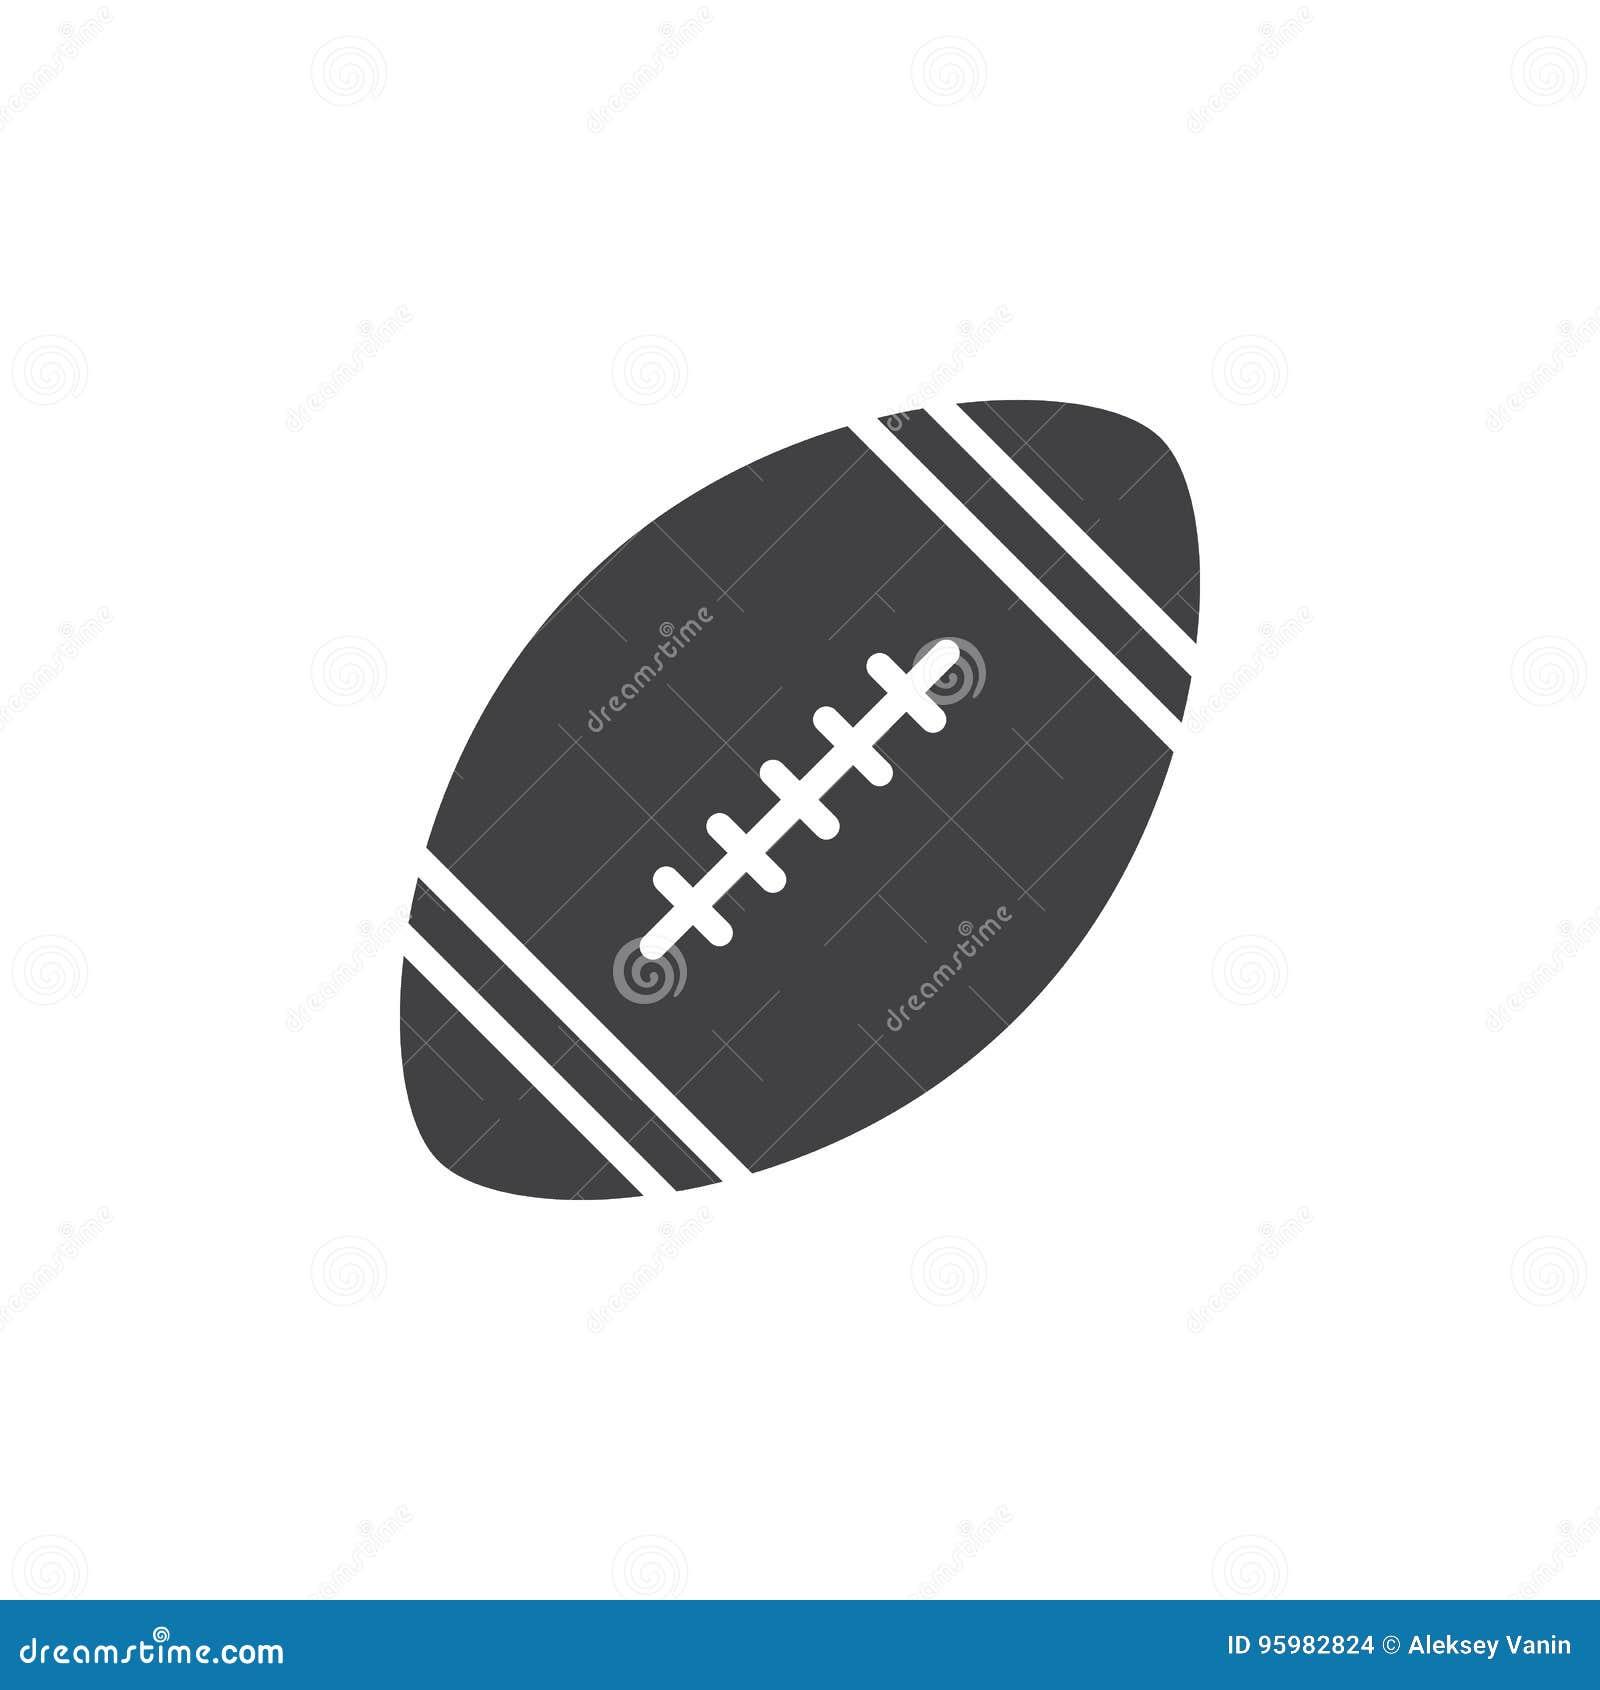 Vector del icono de la bola del fútbol americano, muestra plana llenada, pictograma sólido aislado en blanco